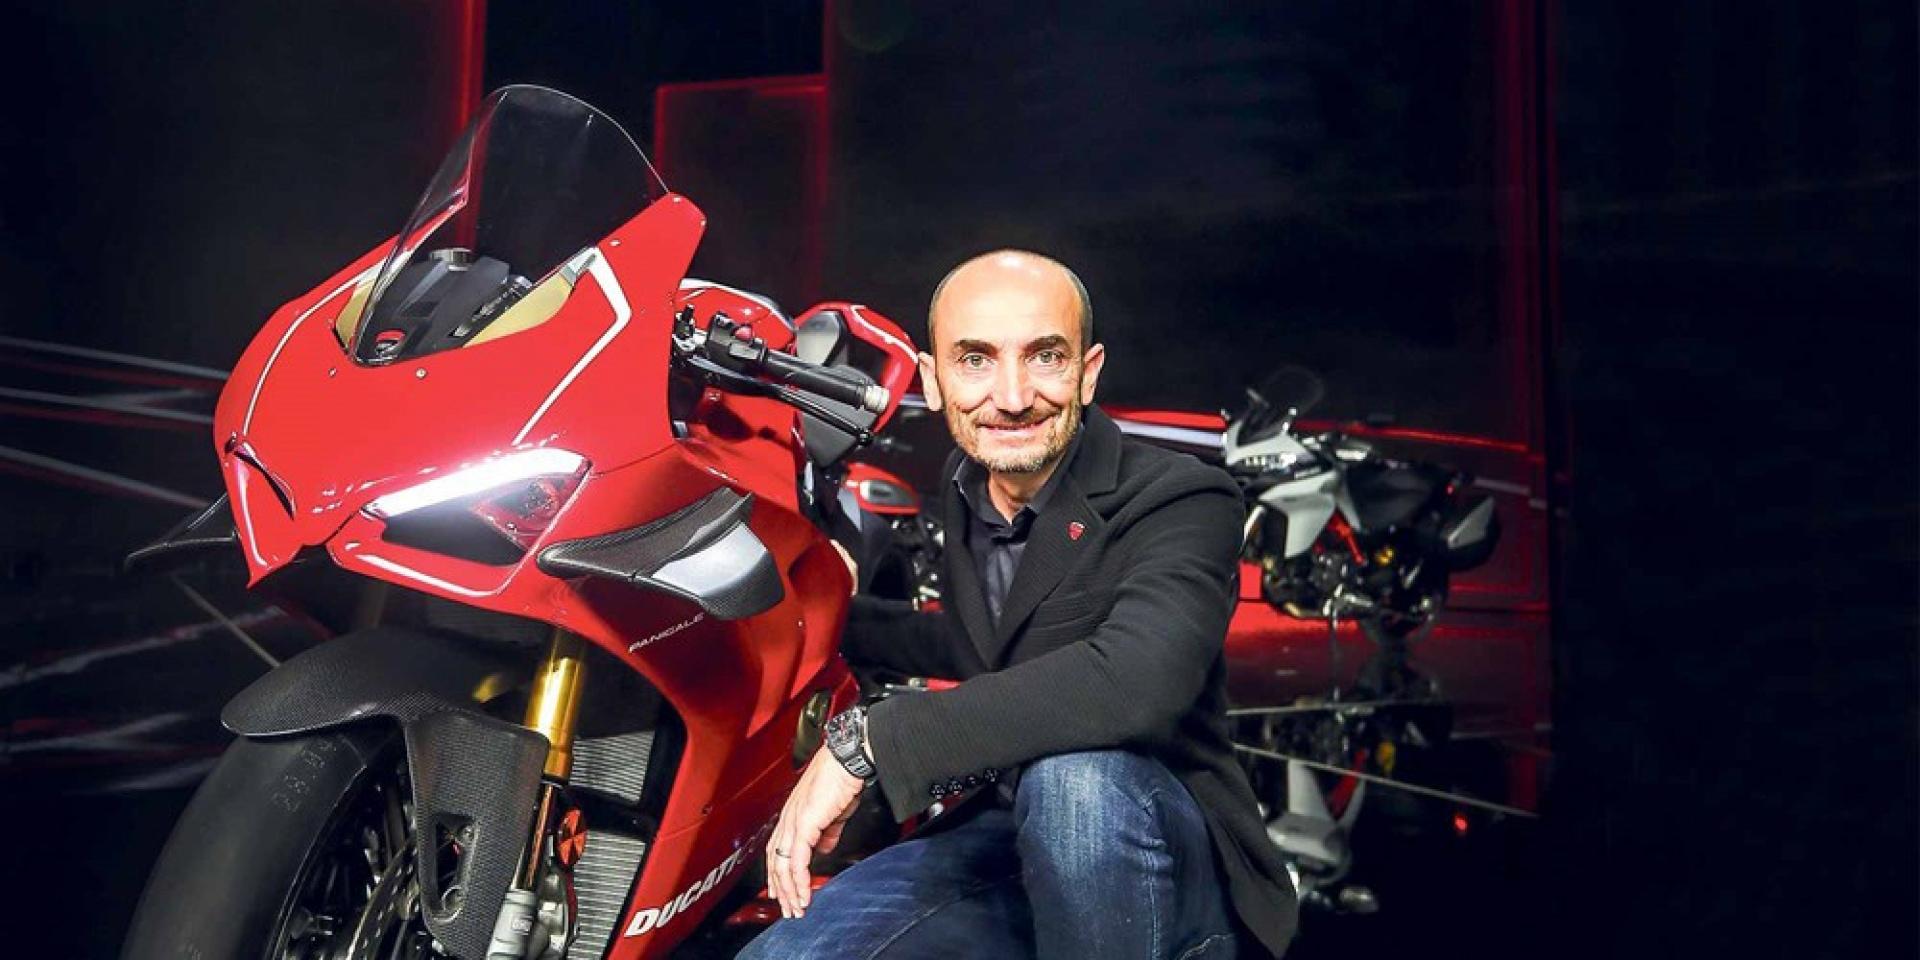 內燃機的最終狂吼,Ducati CEO表示電動車現在仍無法超越汽油車